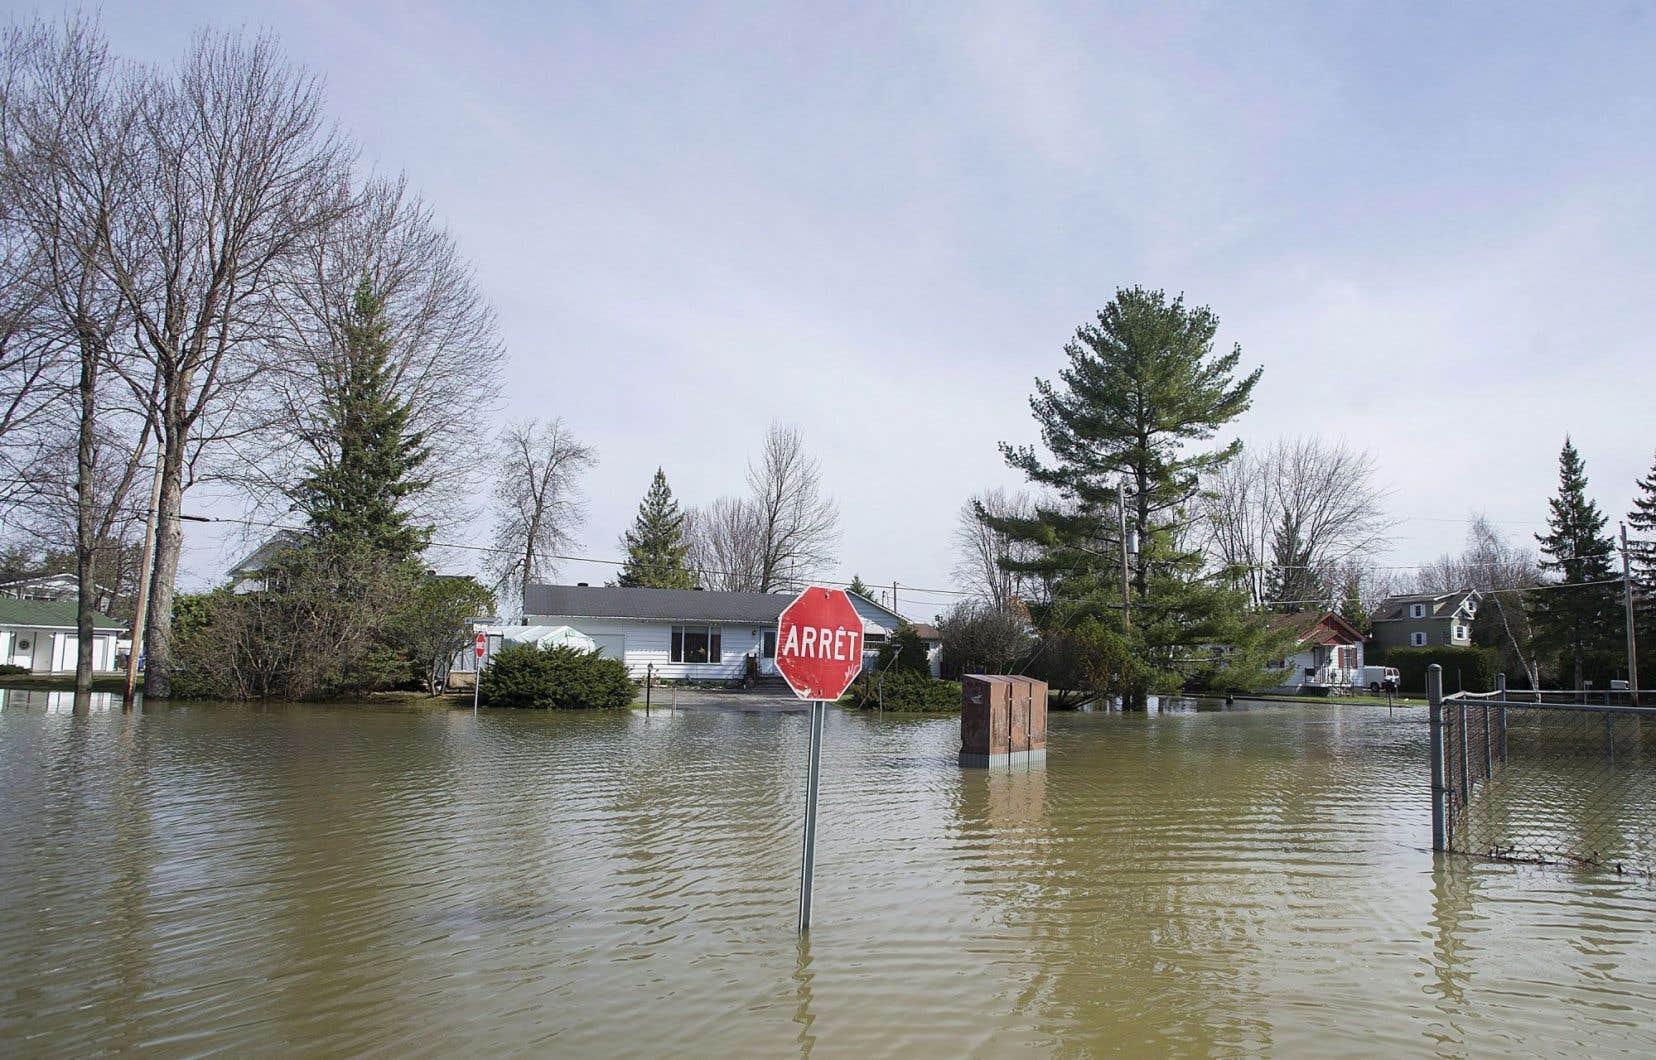 Plusieurs cours d'eau québécois ont atteint leur seuil d'inondation au Québec au cours des dernières semaines, provoquant des inondations, comme ici à Rigaud, à la fin du mois d'avril.